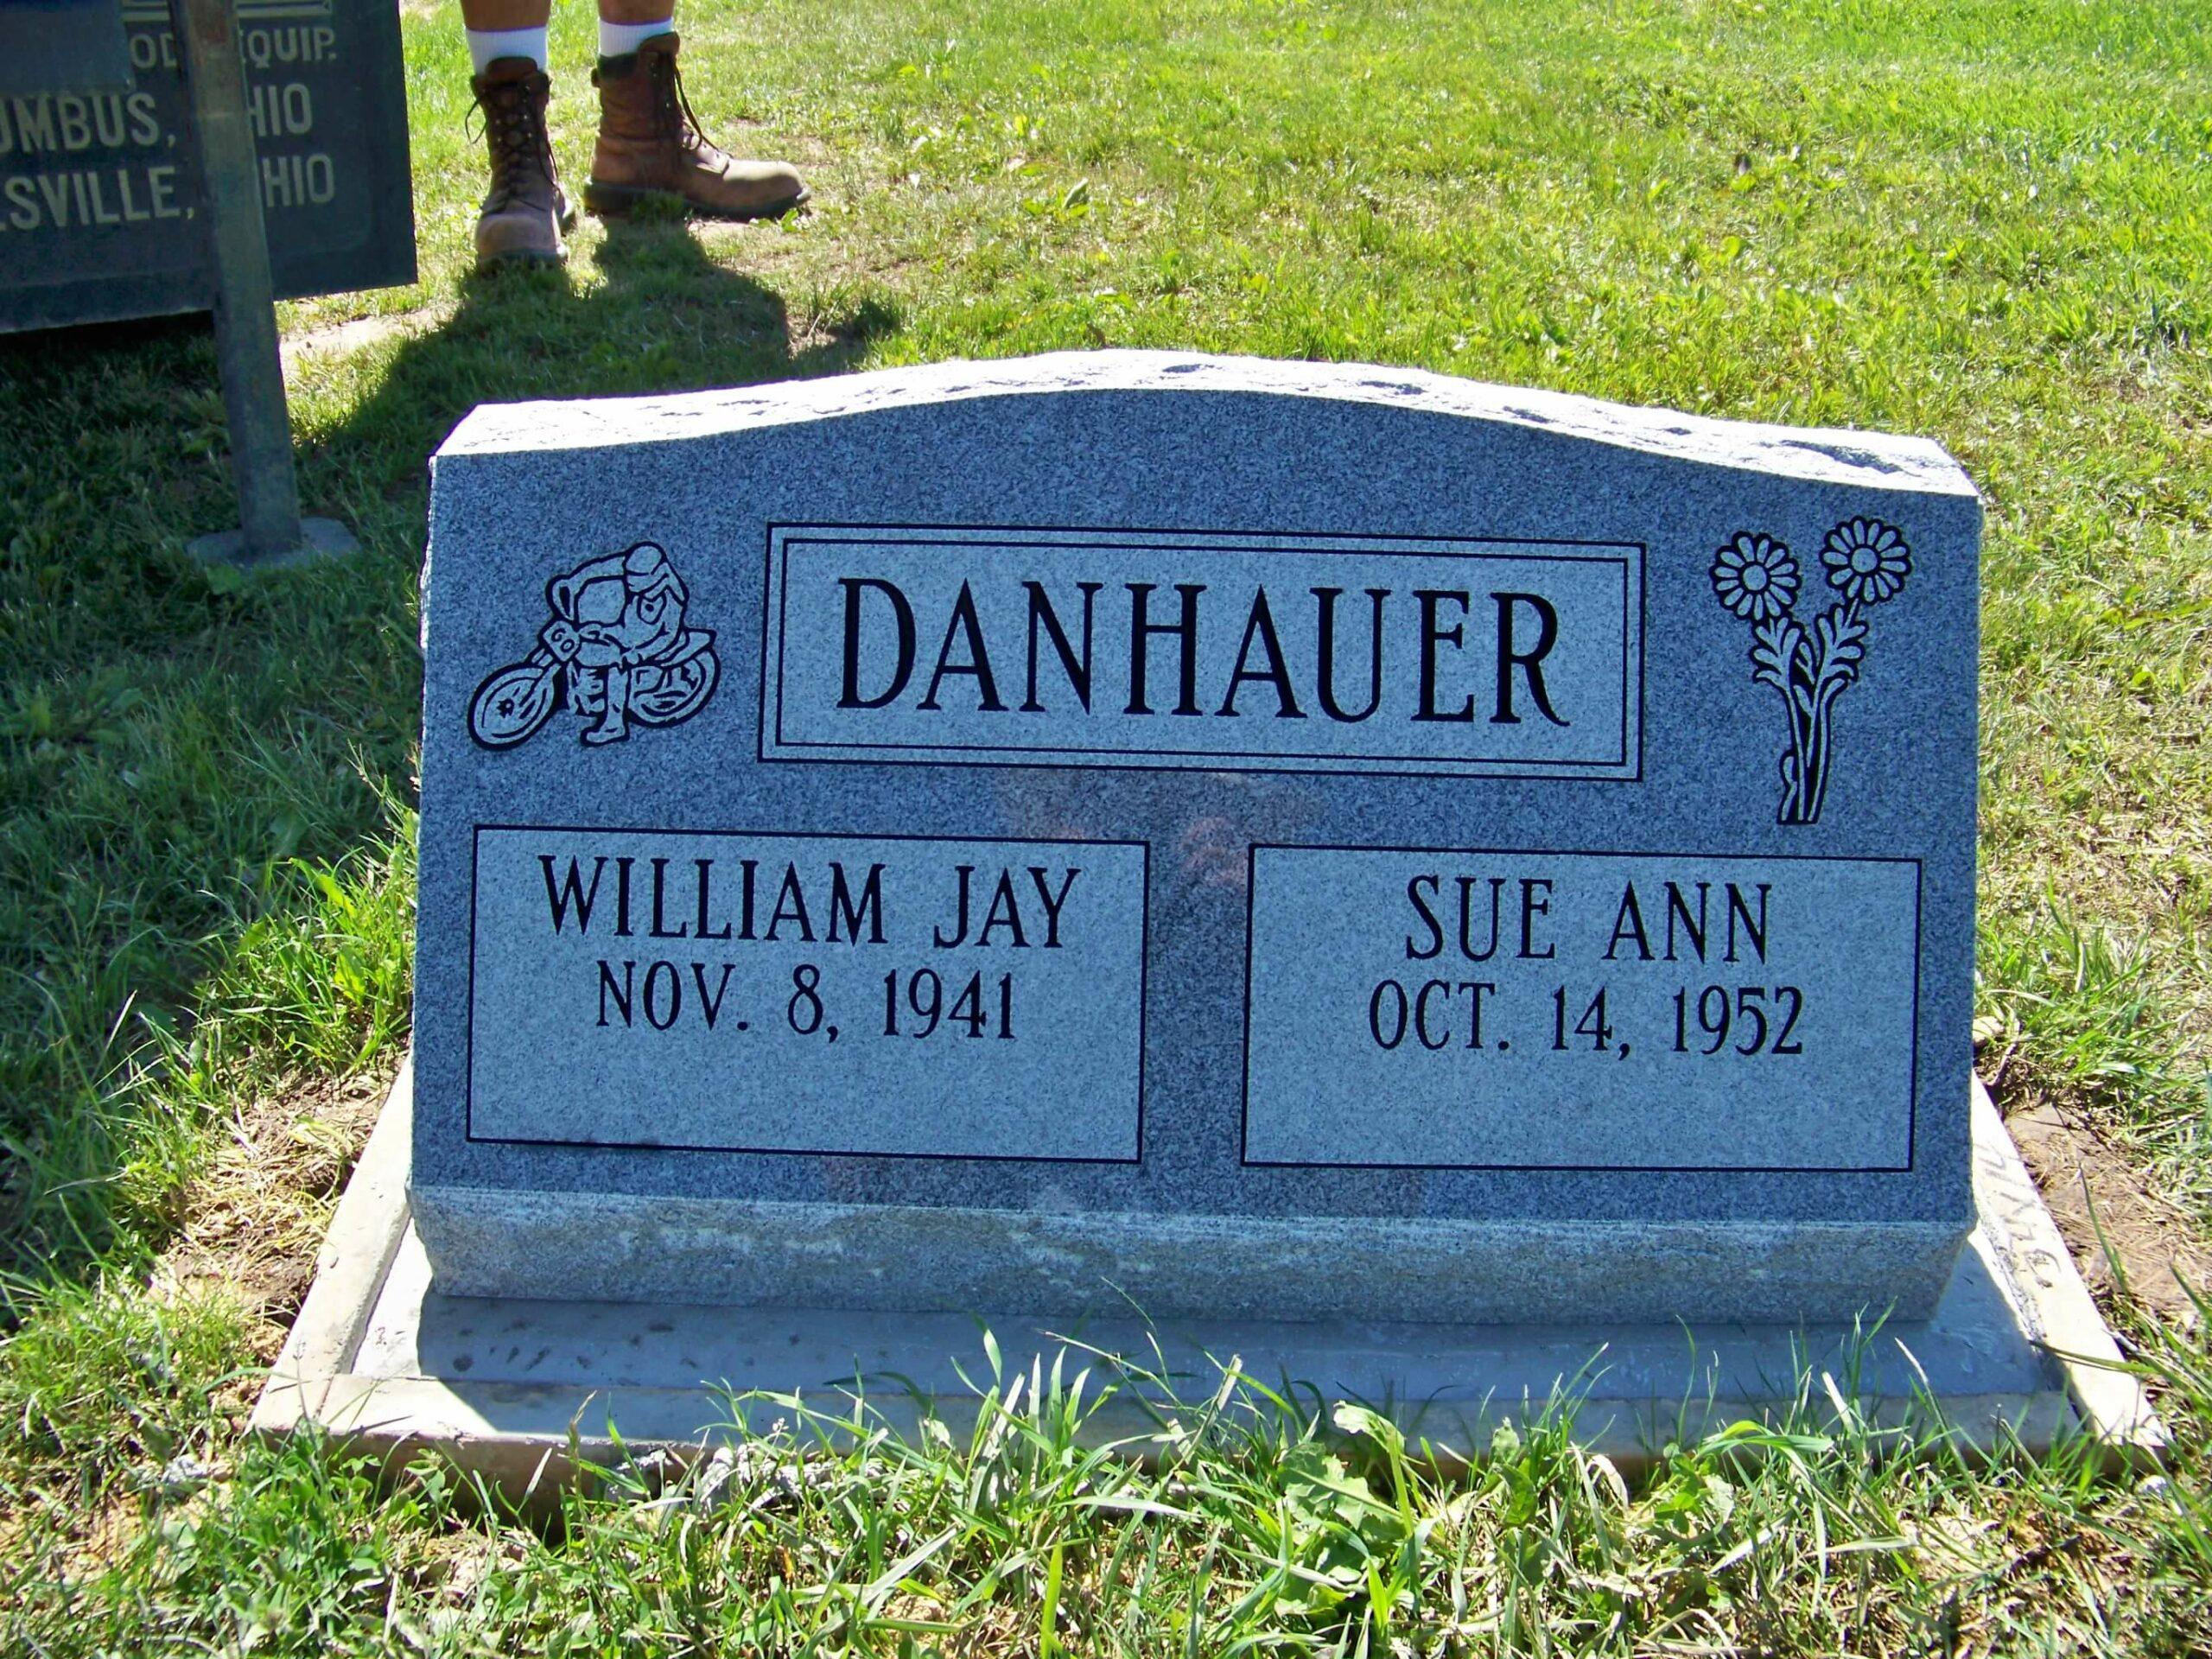 Danhauer, William Jay